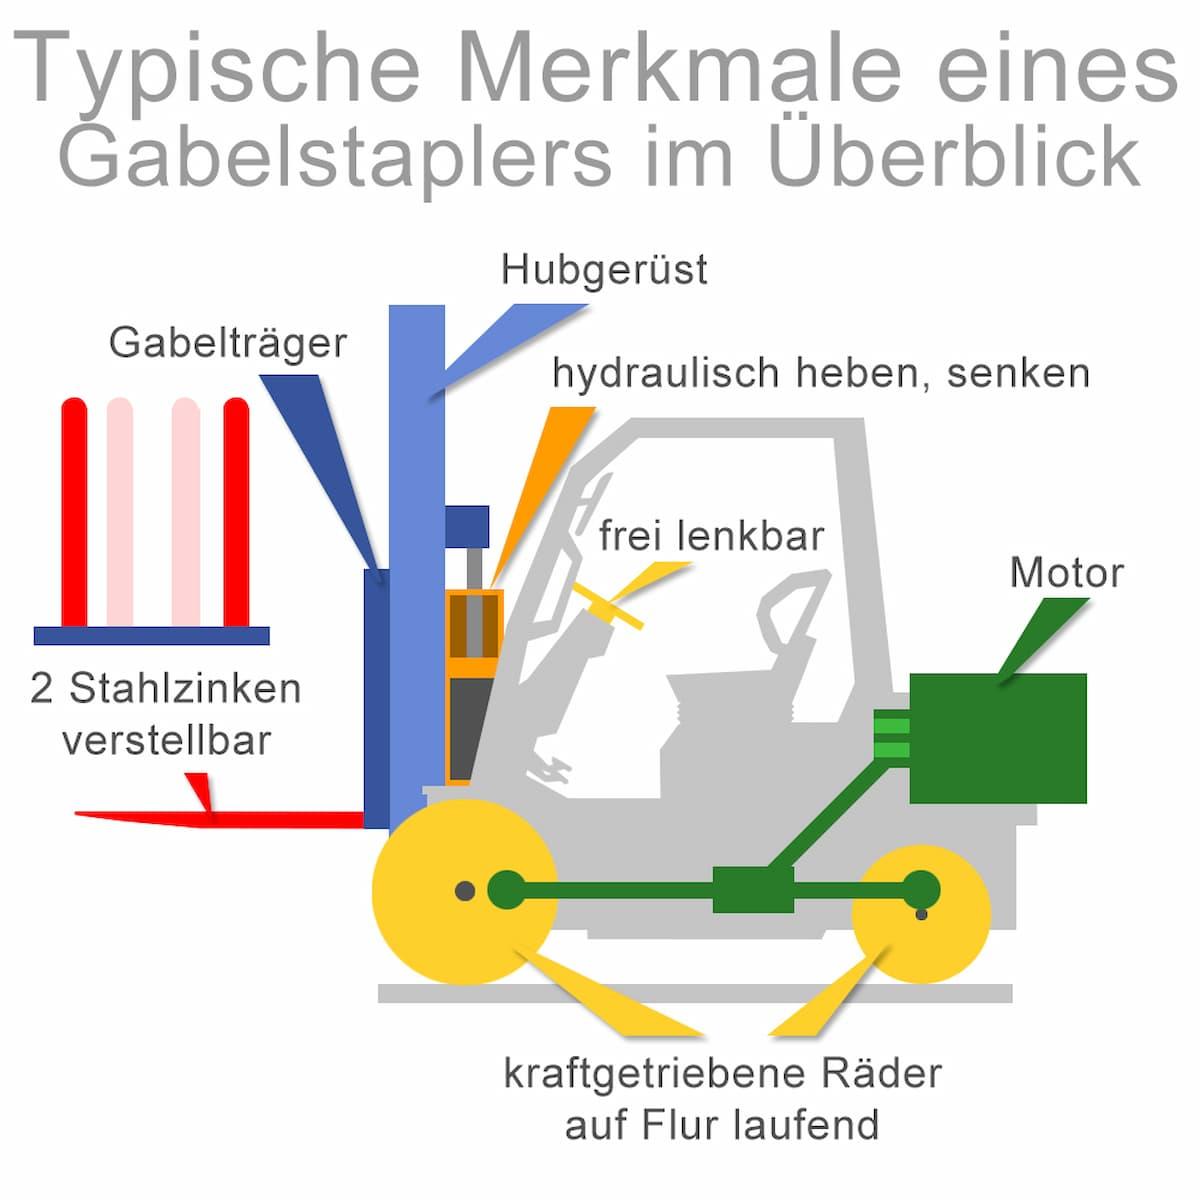 Typische Merkmale eines Gabelstaplers